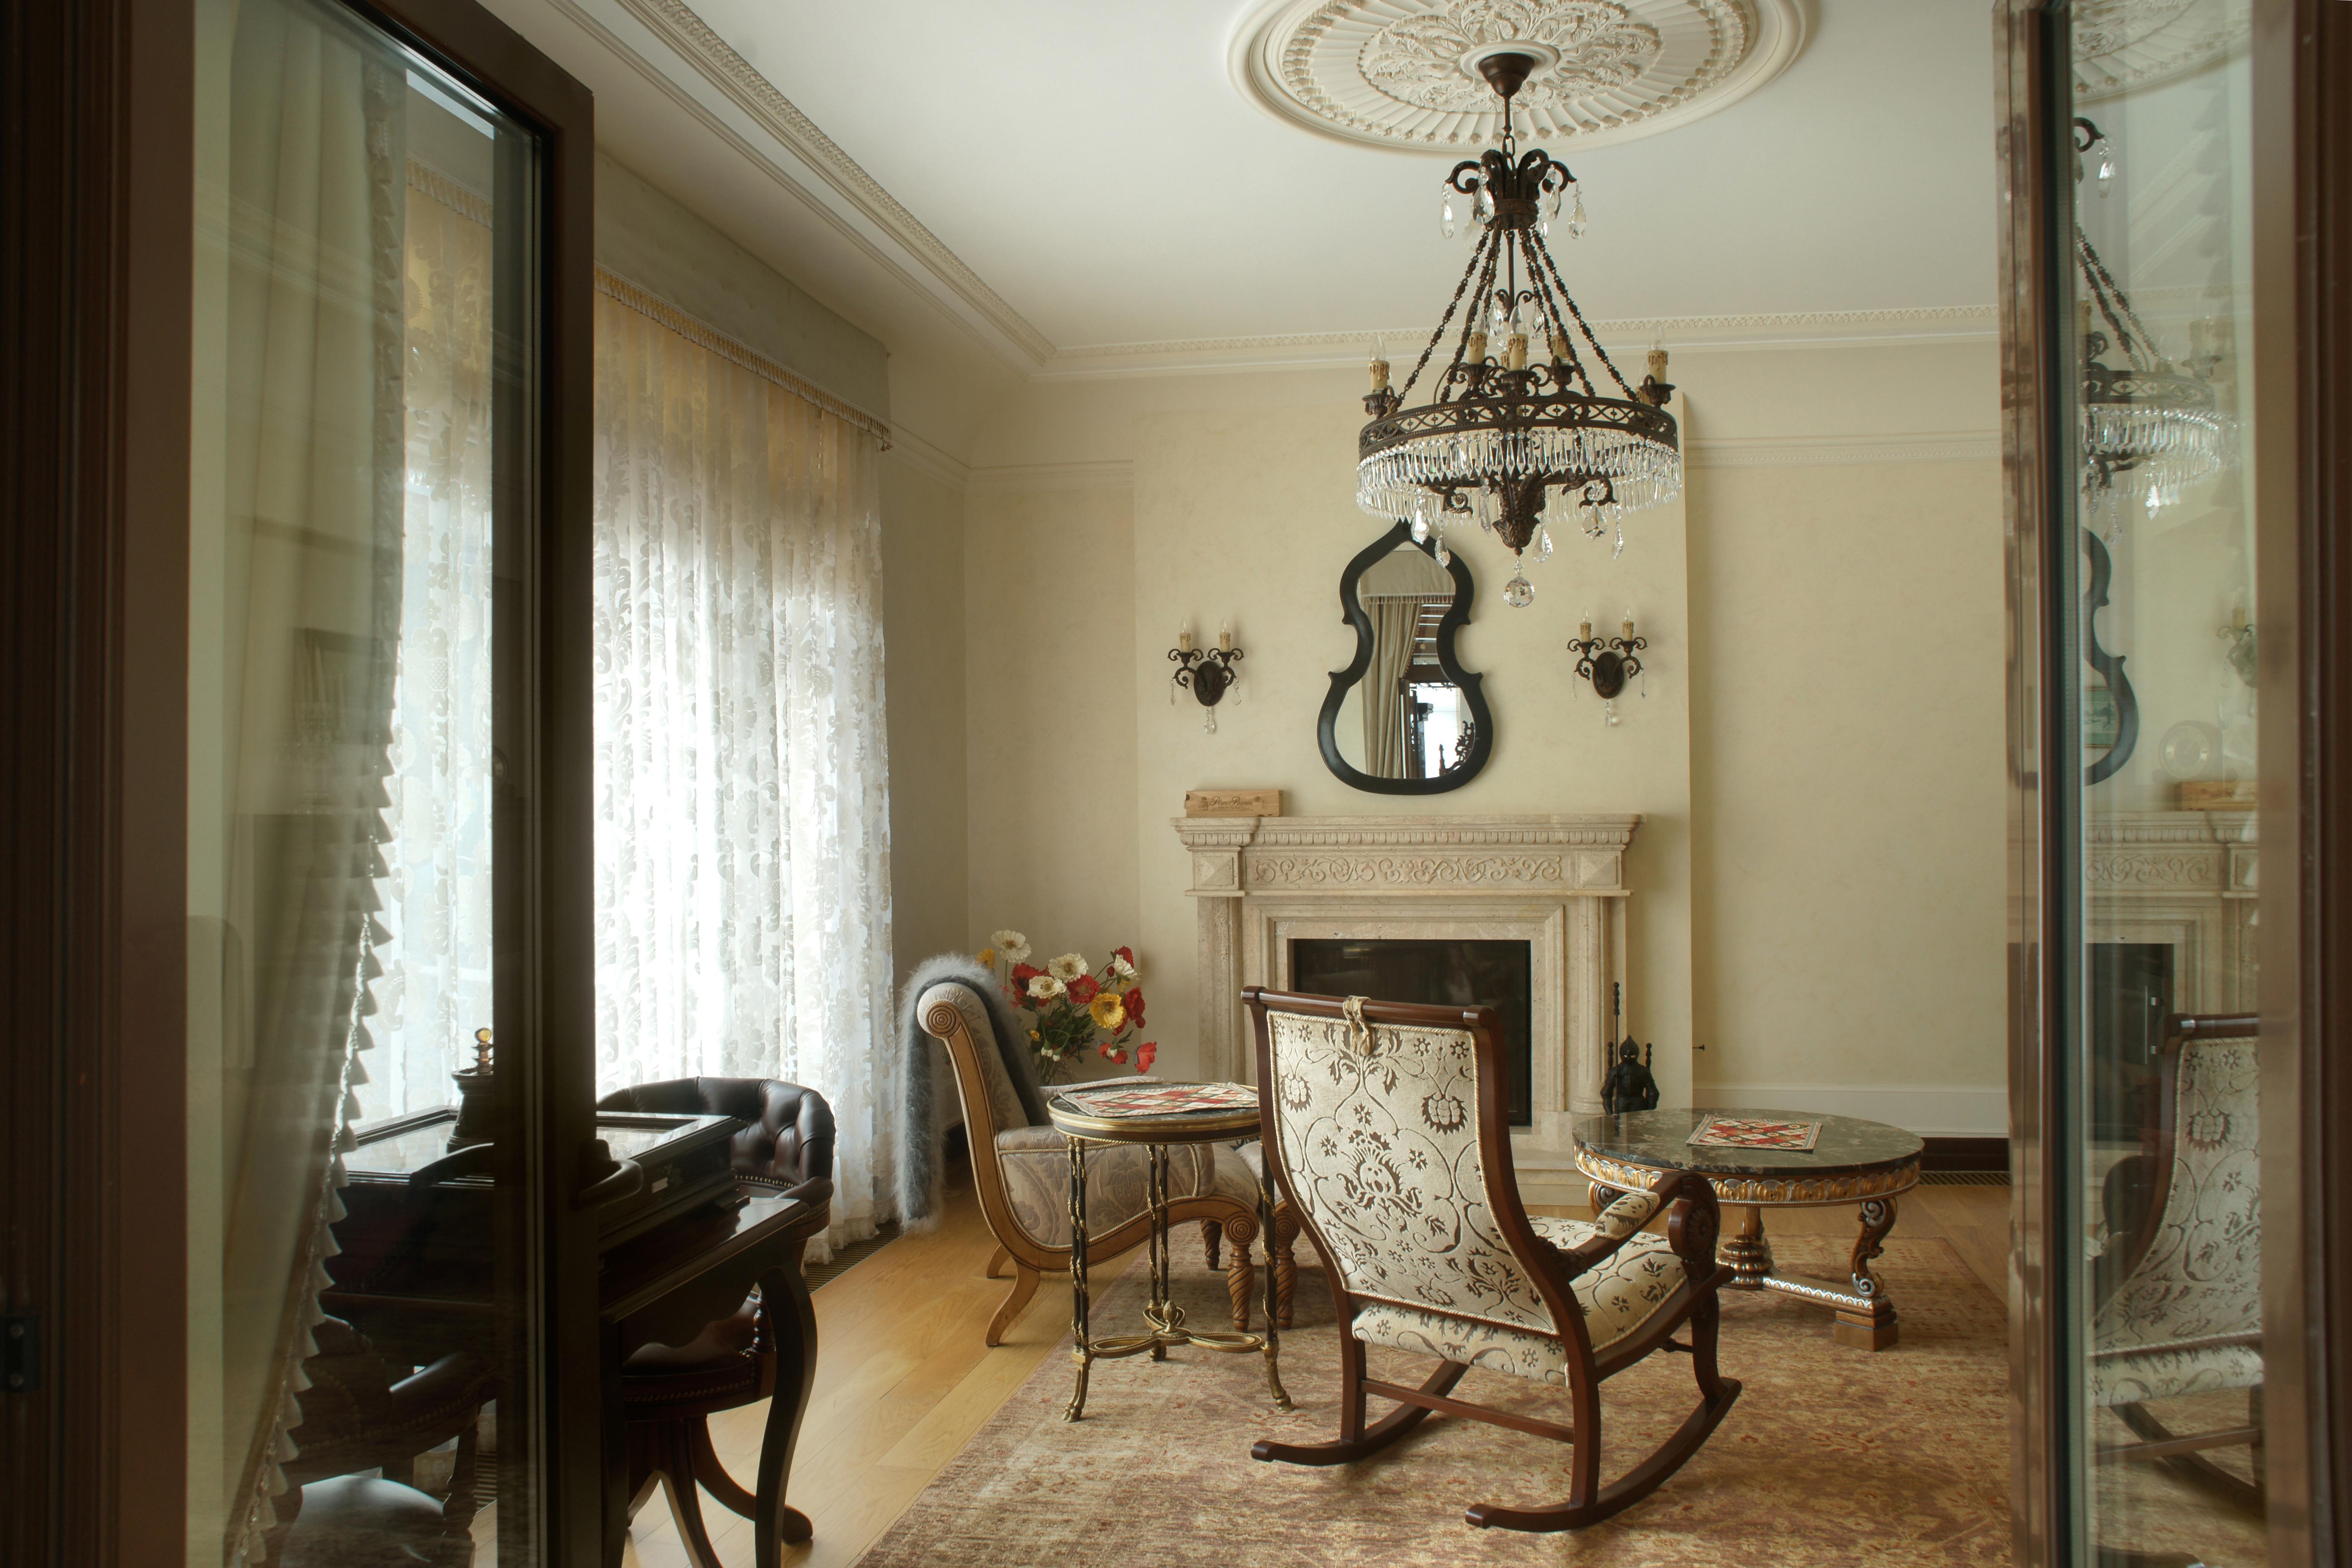 некоторые фотографии из одного дома. фотограф Кирилл Толль